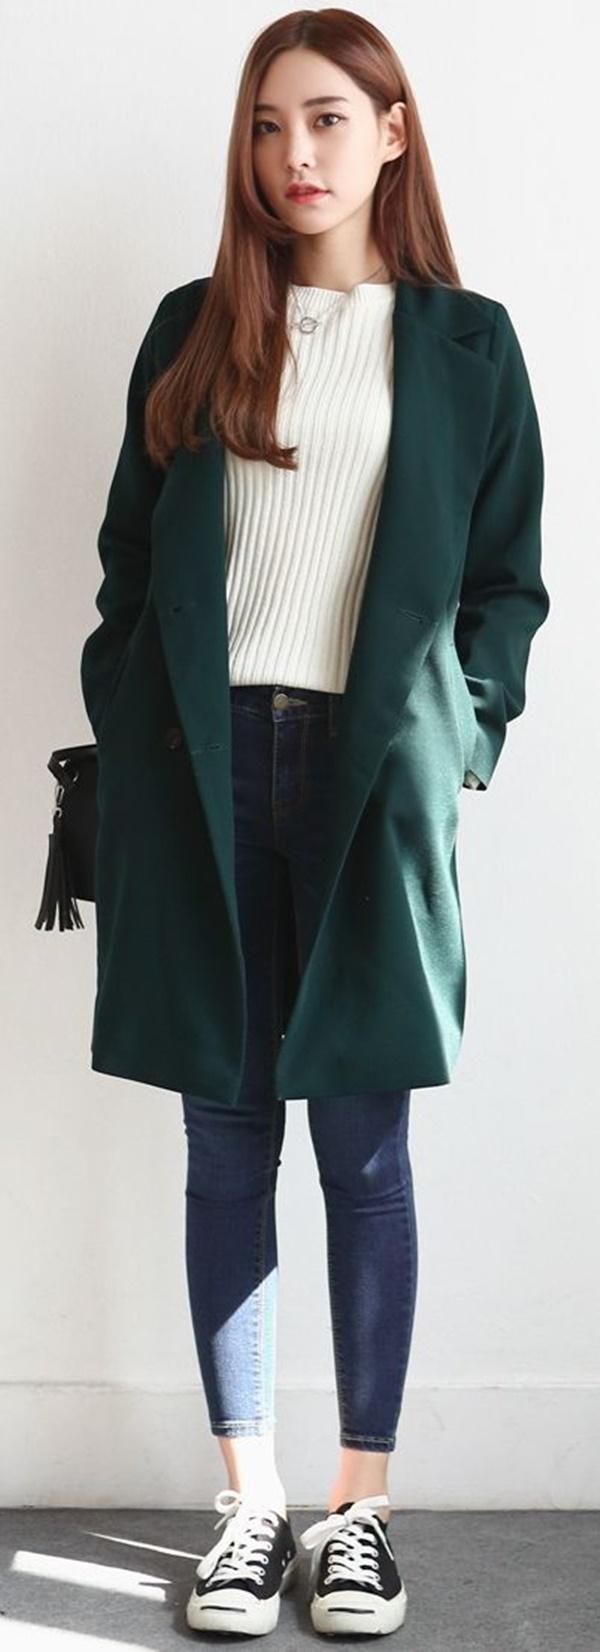 áo khoác hàn quốc nữ